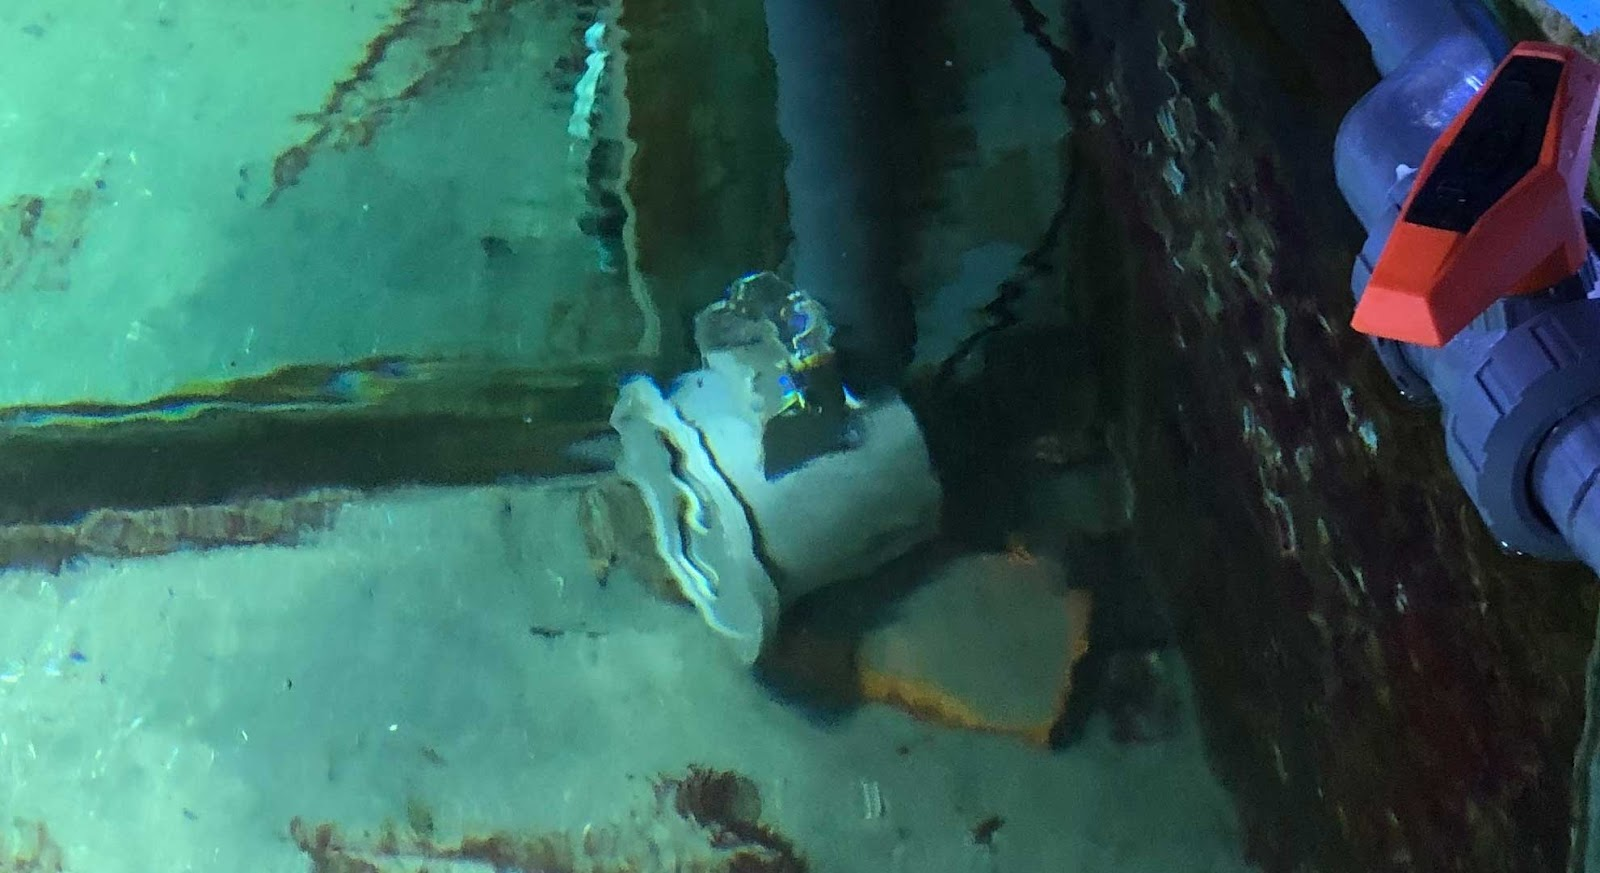 Unterwasser Livecam liefert Live-Streaming aus dem Aquarium.